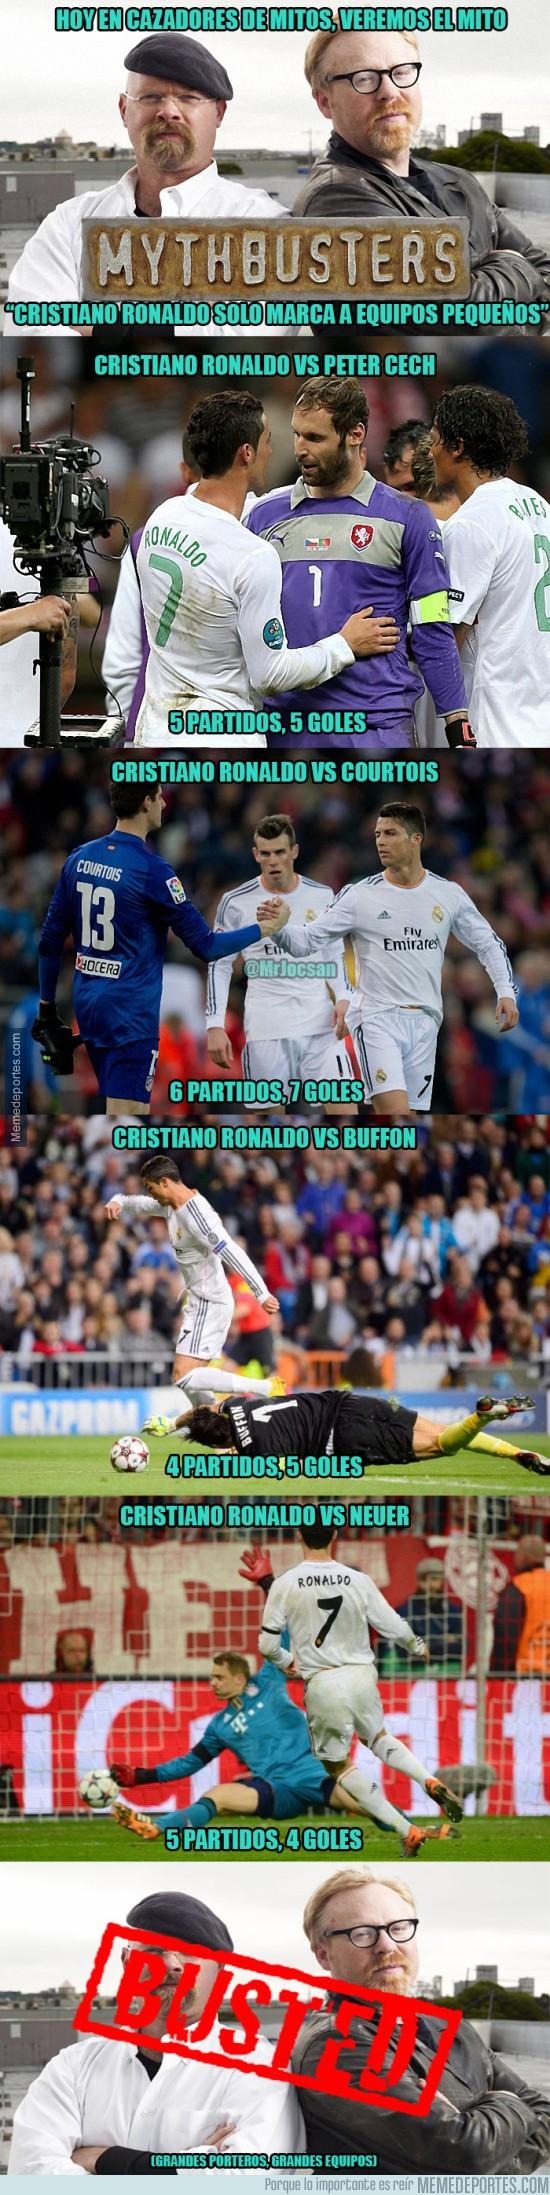 771027 - ¿Cristiano Ronaldo sólo marca a equipos pequeños?